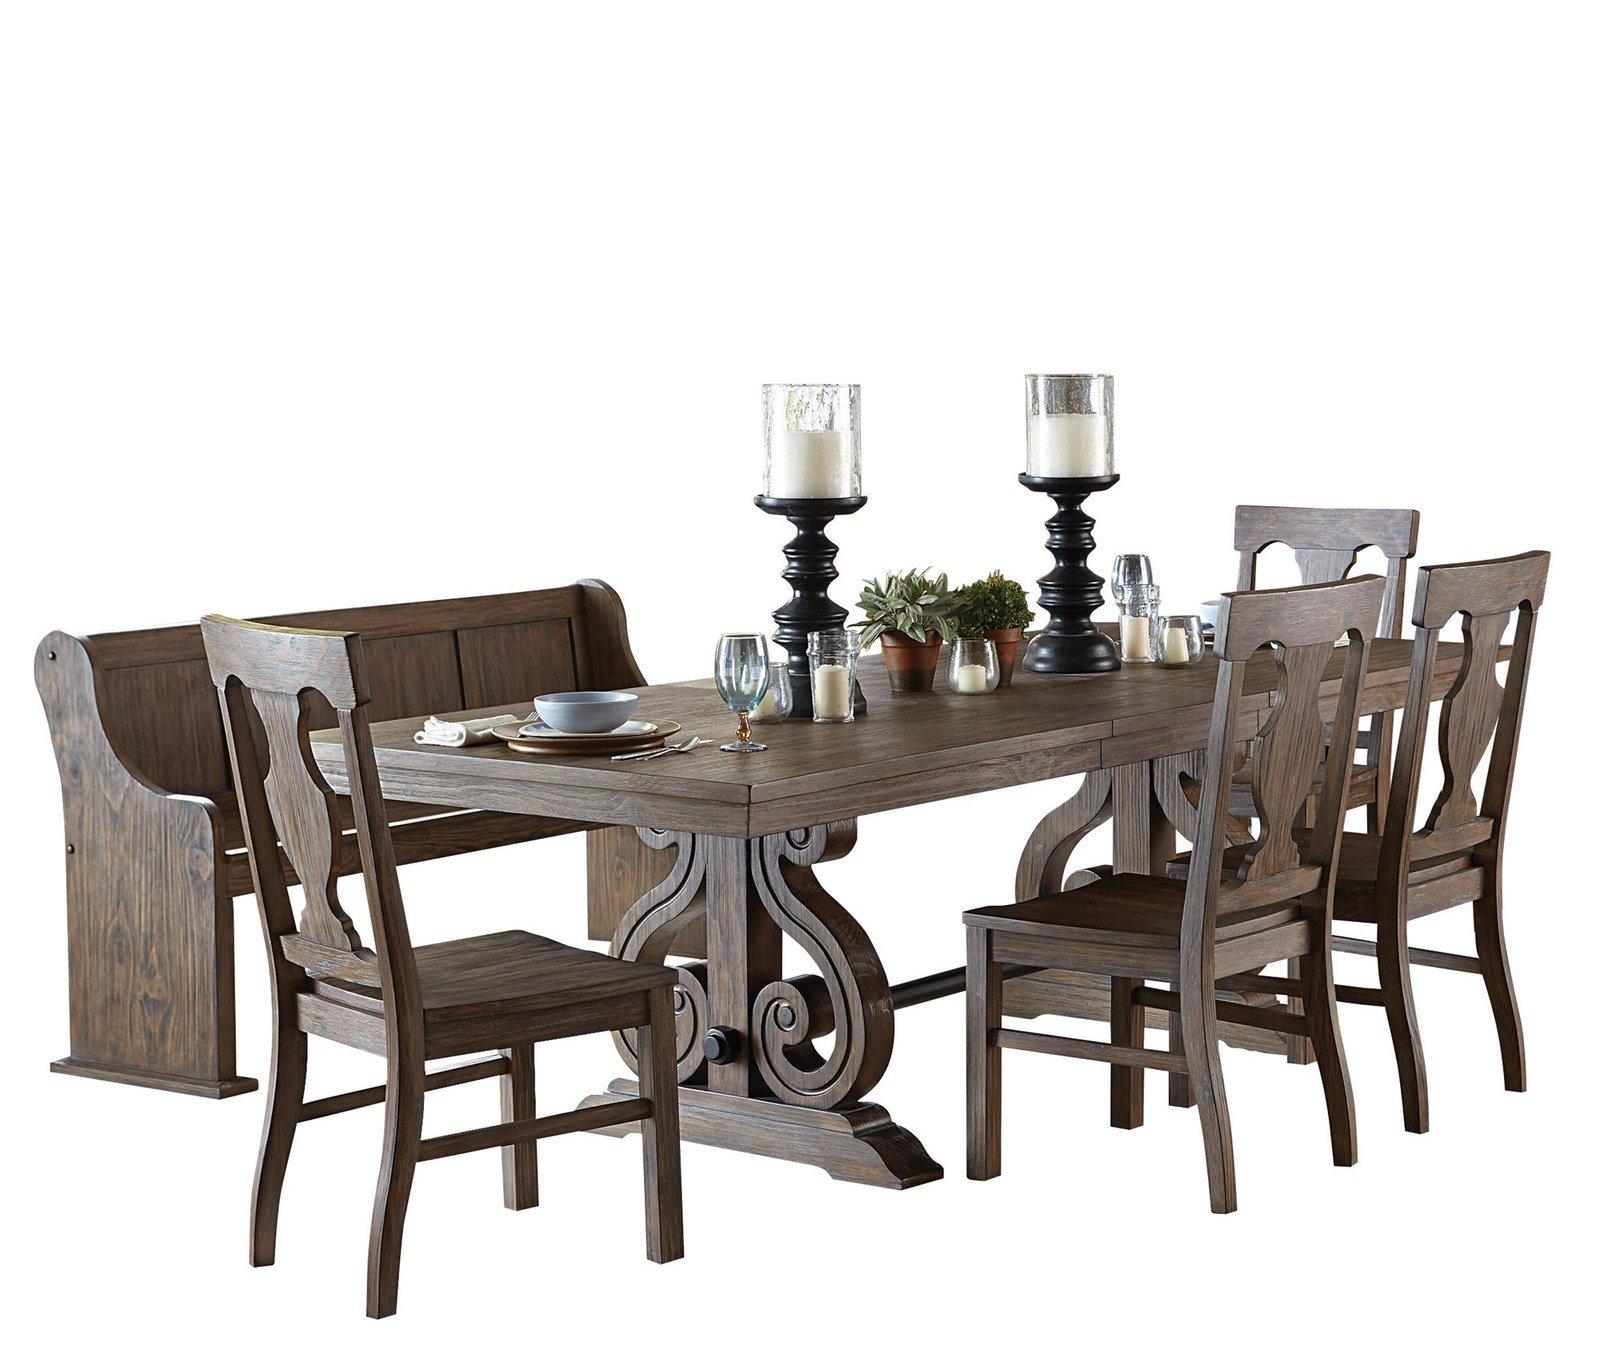 Thiara French Farmhouse 6PC Dining Set Trestle Table, 4